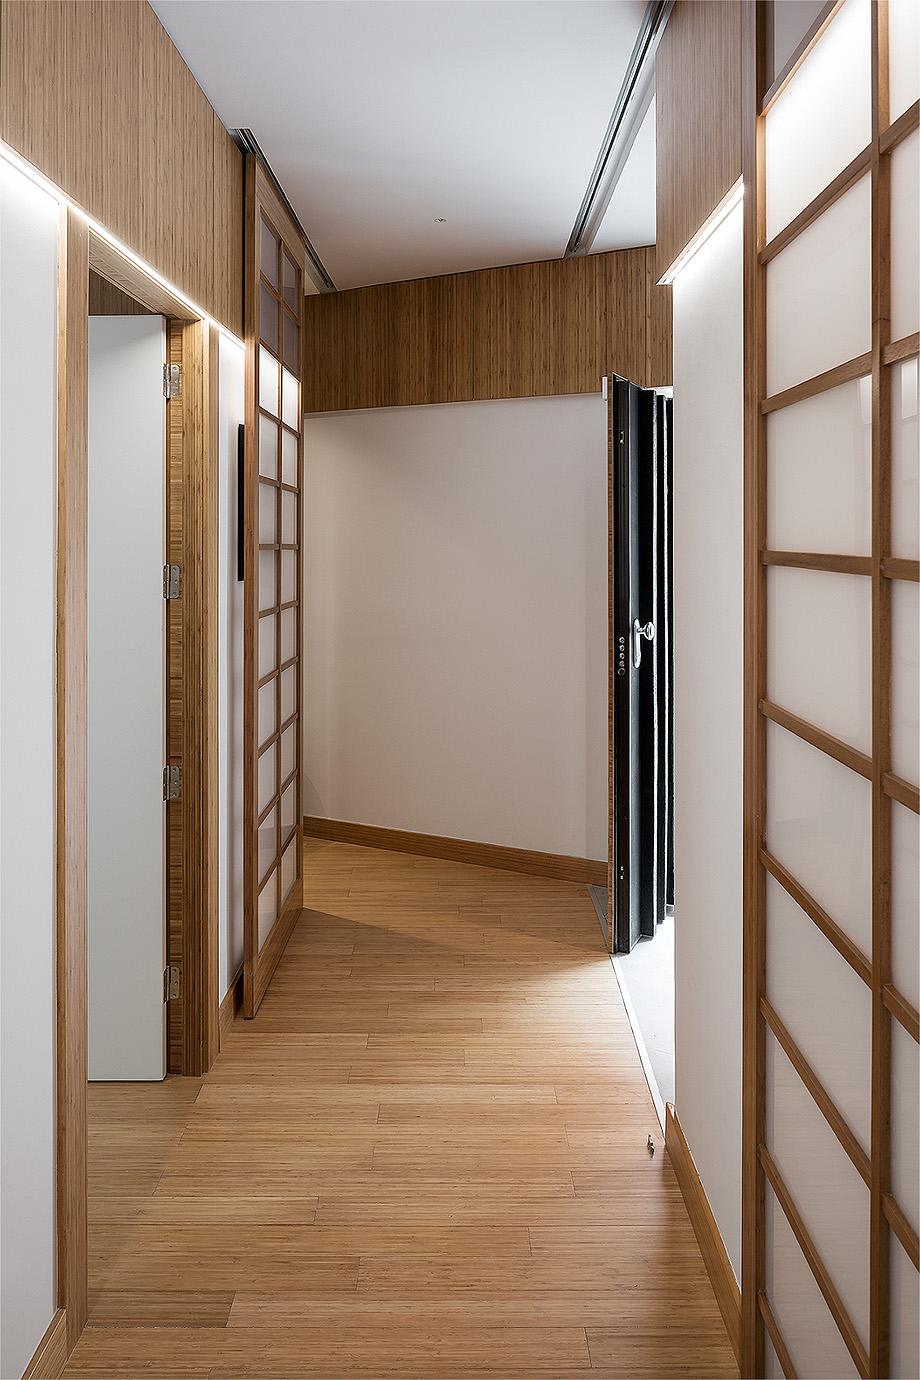 centro oftalmológico de nan arquitectos - foto ivan casal nieto (12)